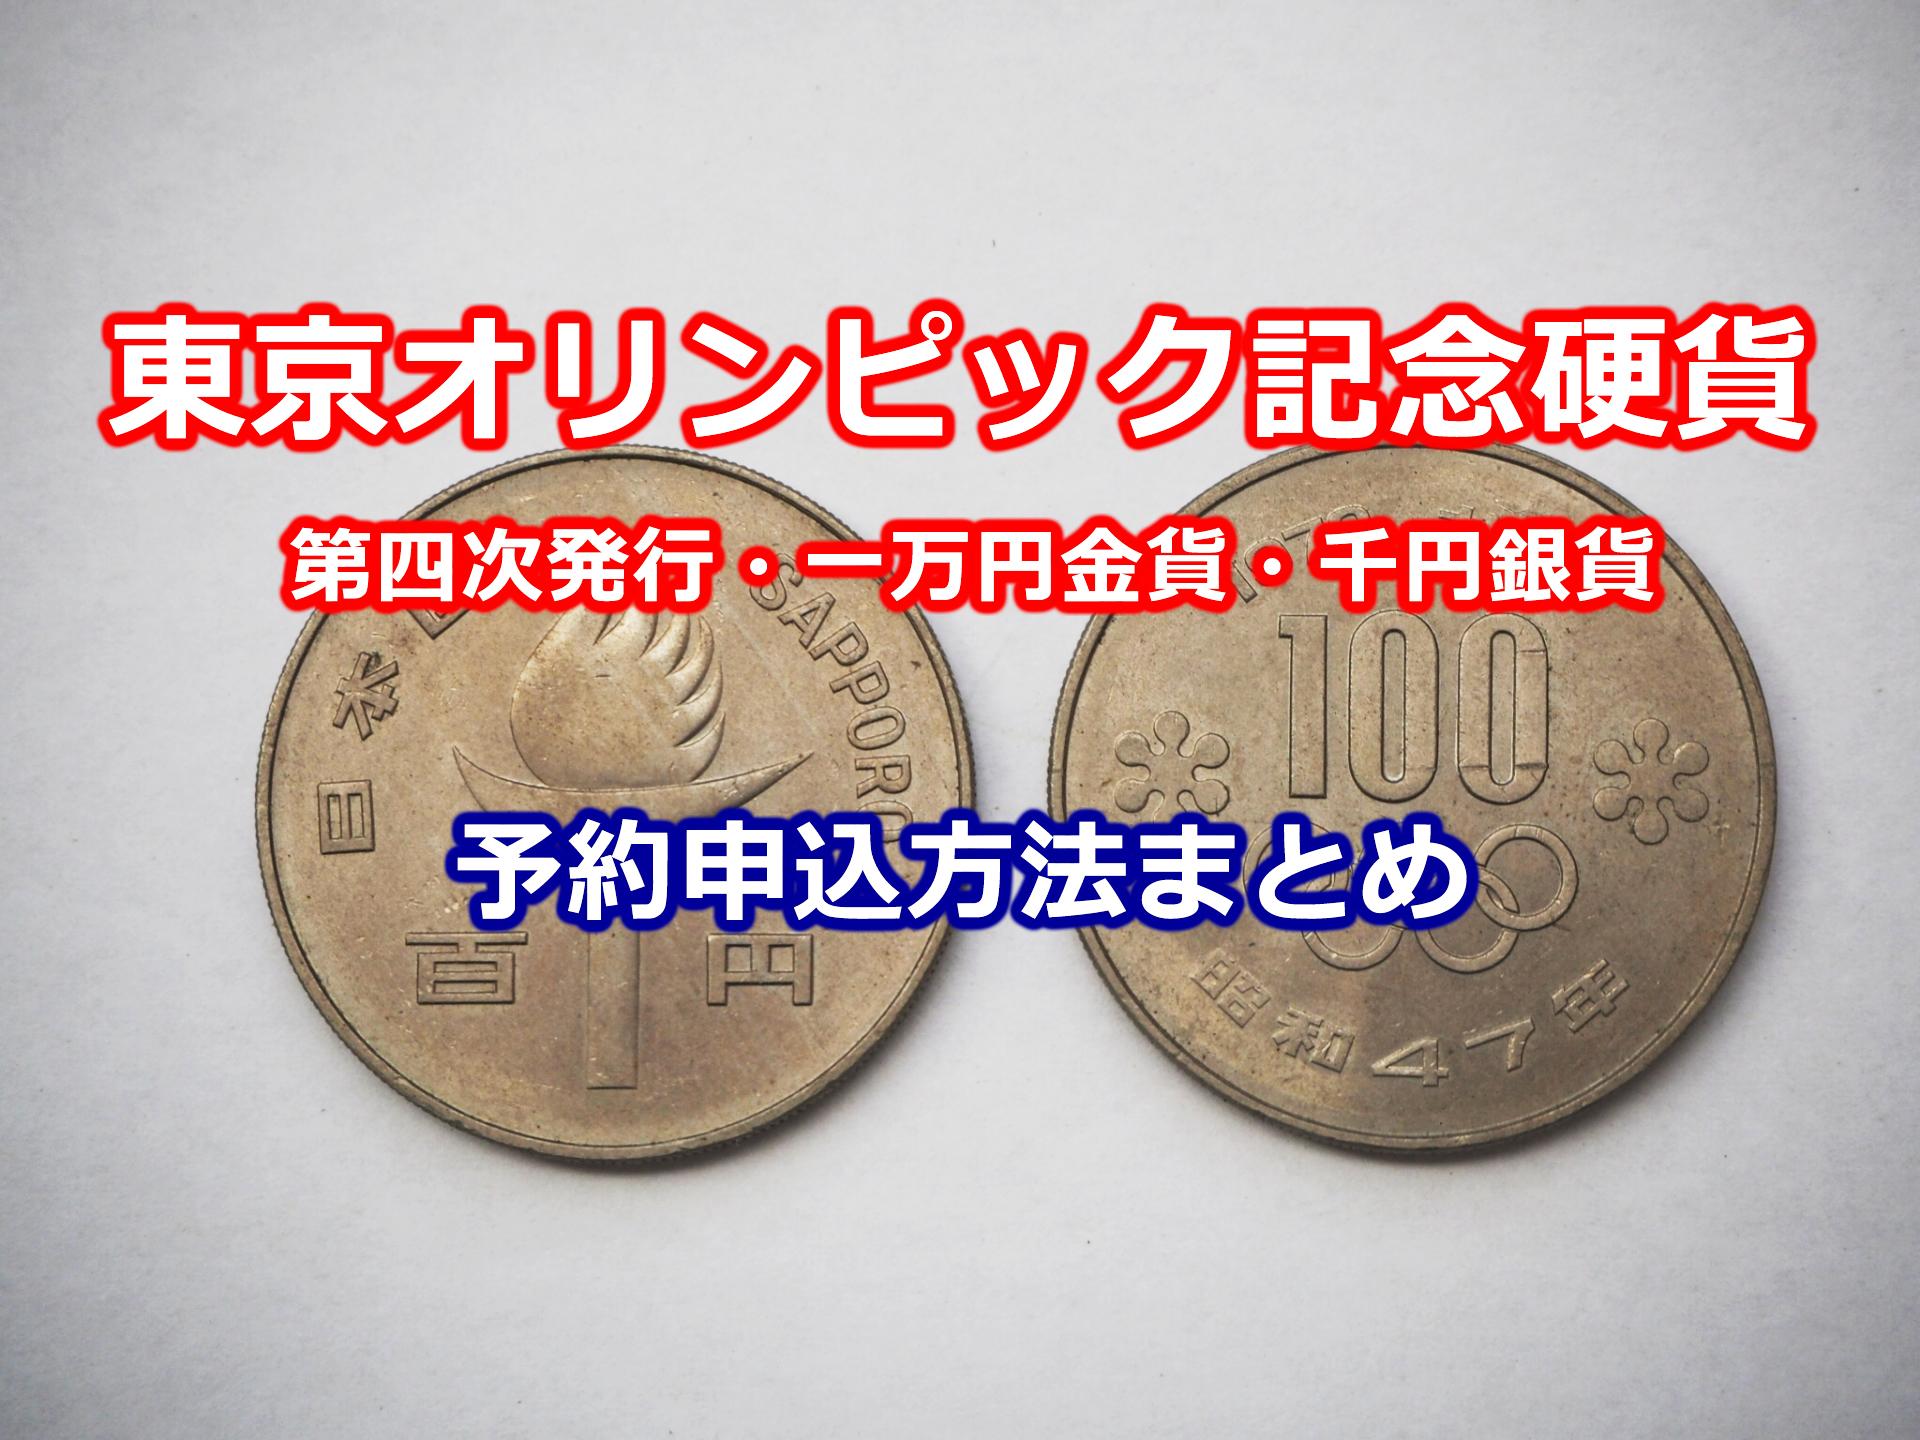 東京オリンピック・パラリンピック記念硬貨(第四次発行・一万円金貨・千円銀貨・コンプリートセット)予約申し込み方法まとめ